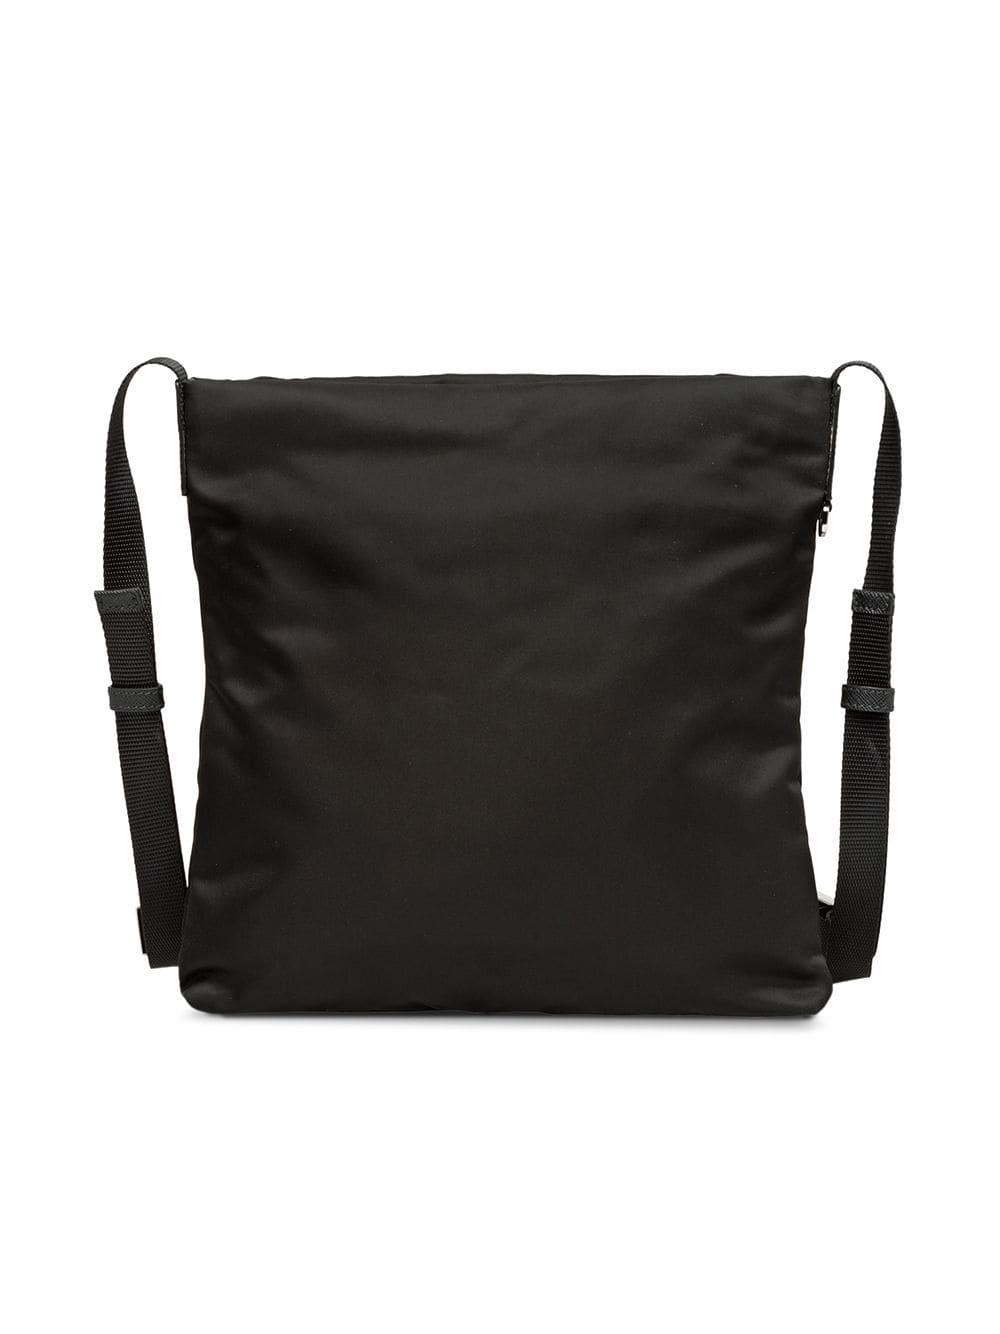 9fbb0615f7e8 Prada Logo Plaque Messenger Bag in Black for Men - Lyst